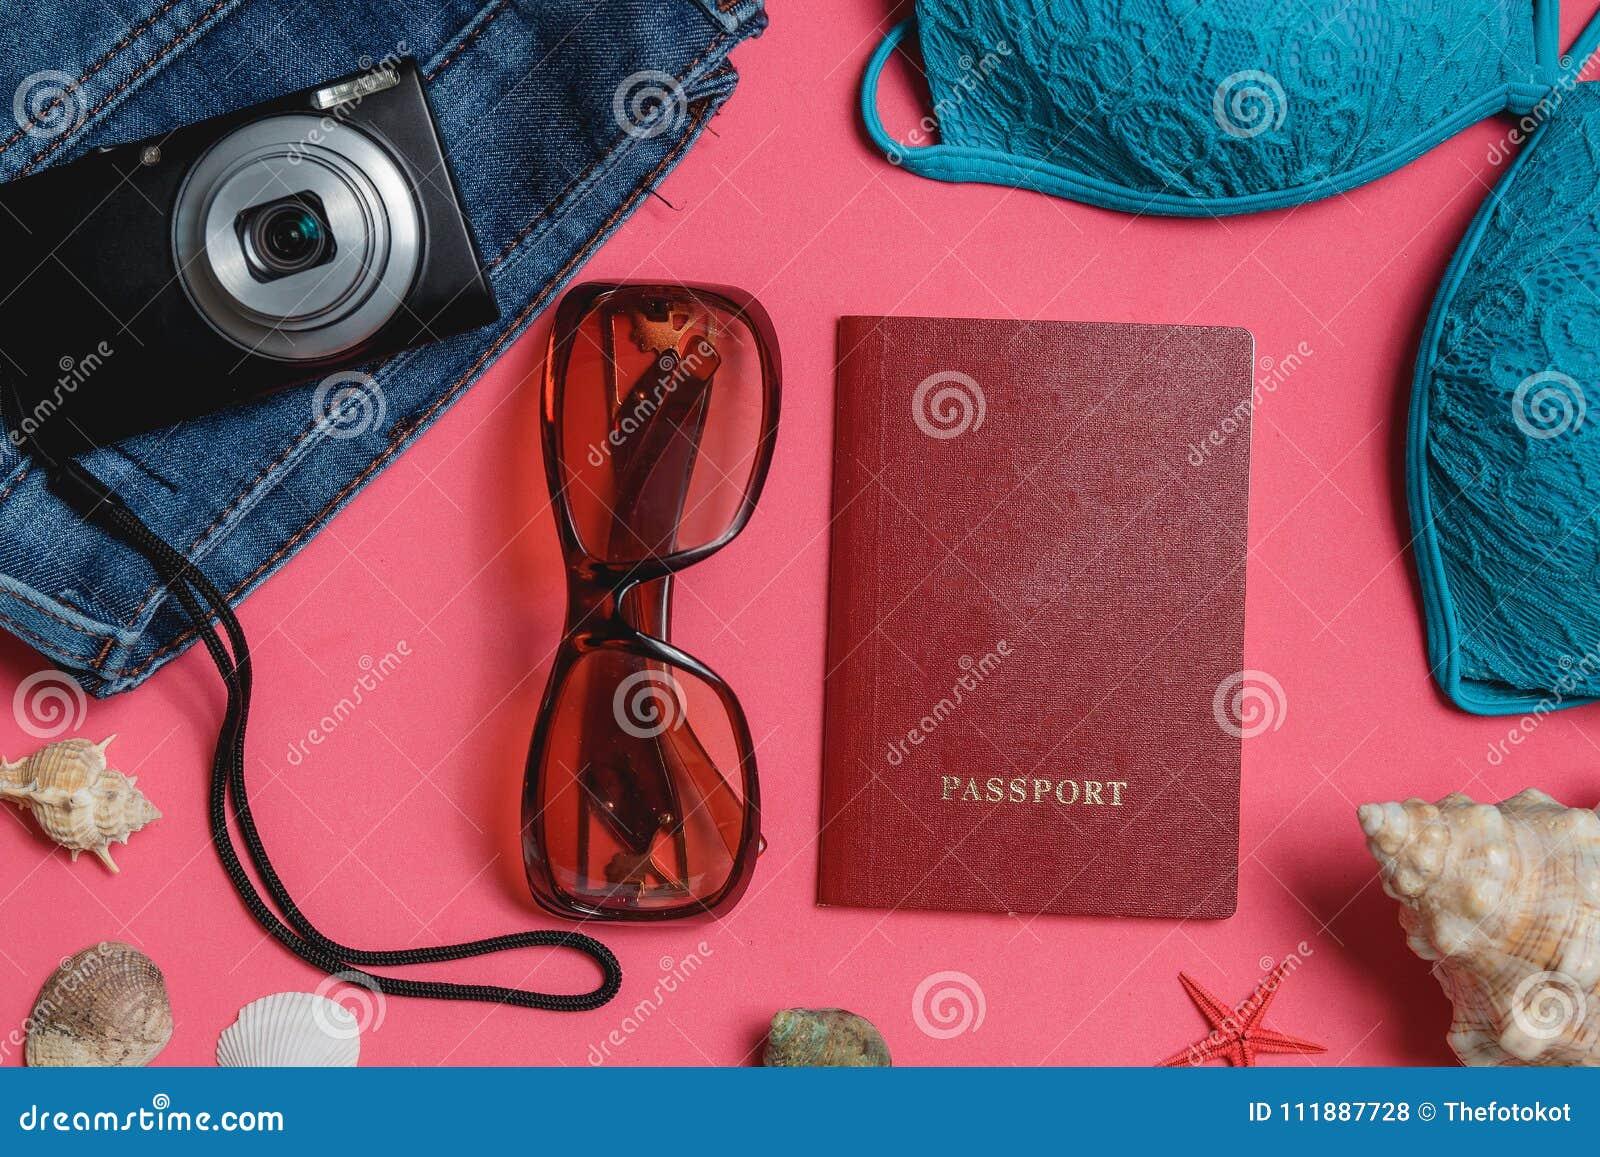 Costume Da Bagno Conchiglia : Passaporto costume da bagno jeans occhiali da sole macchina